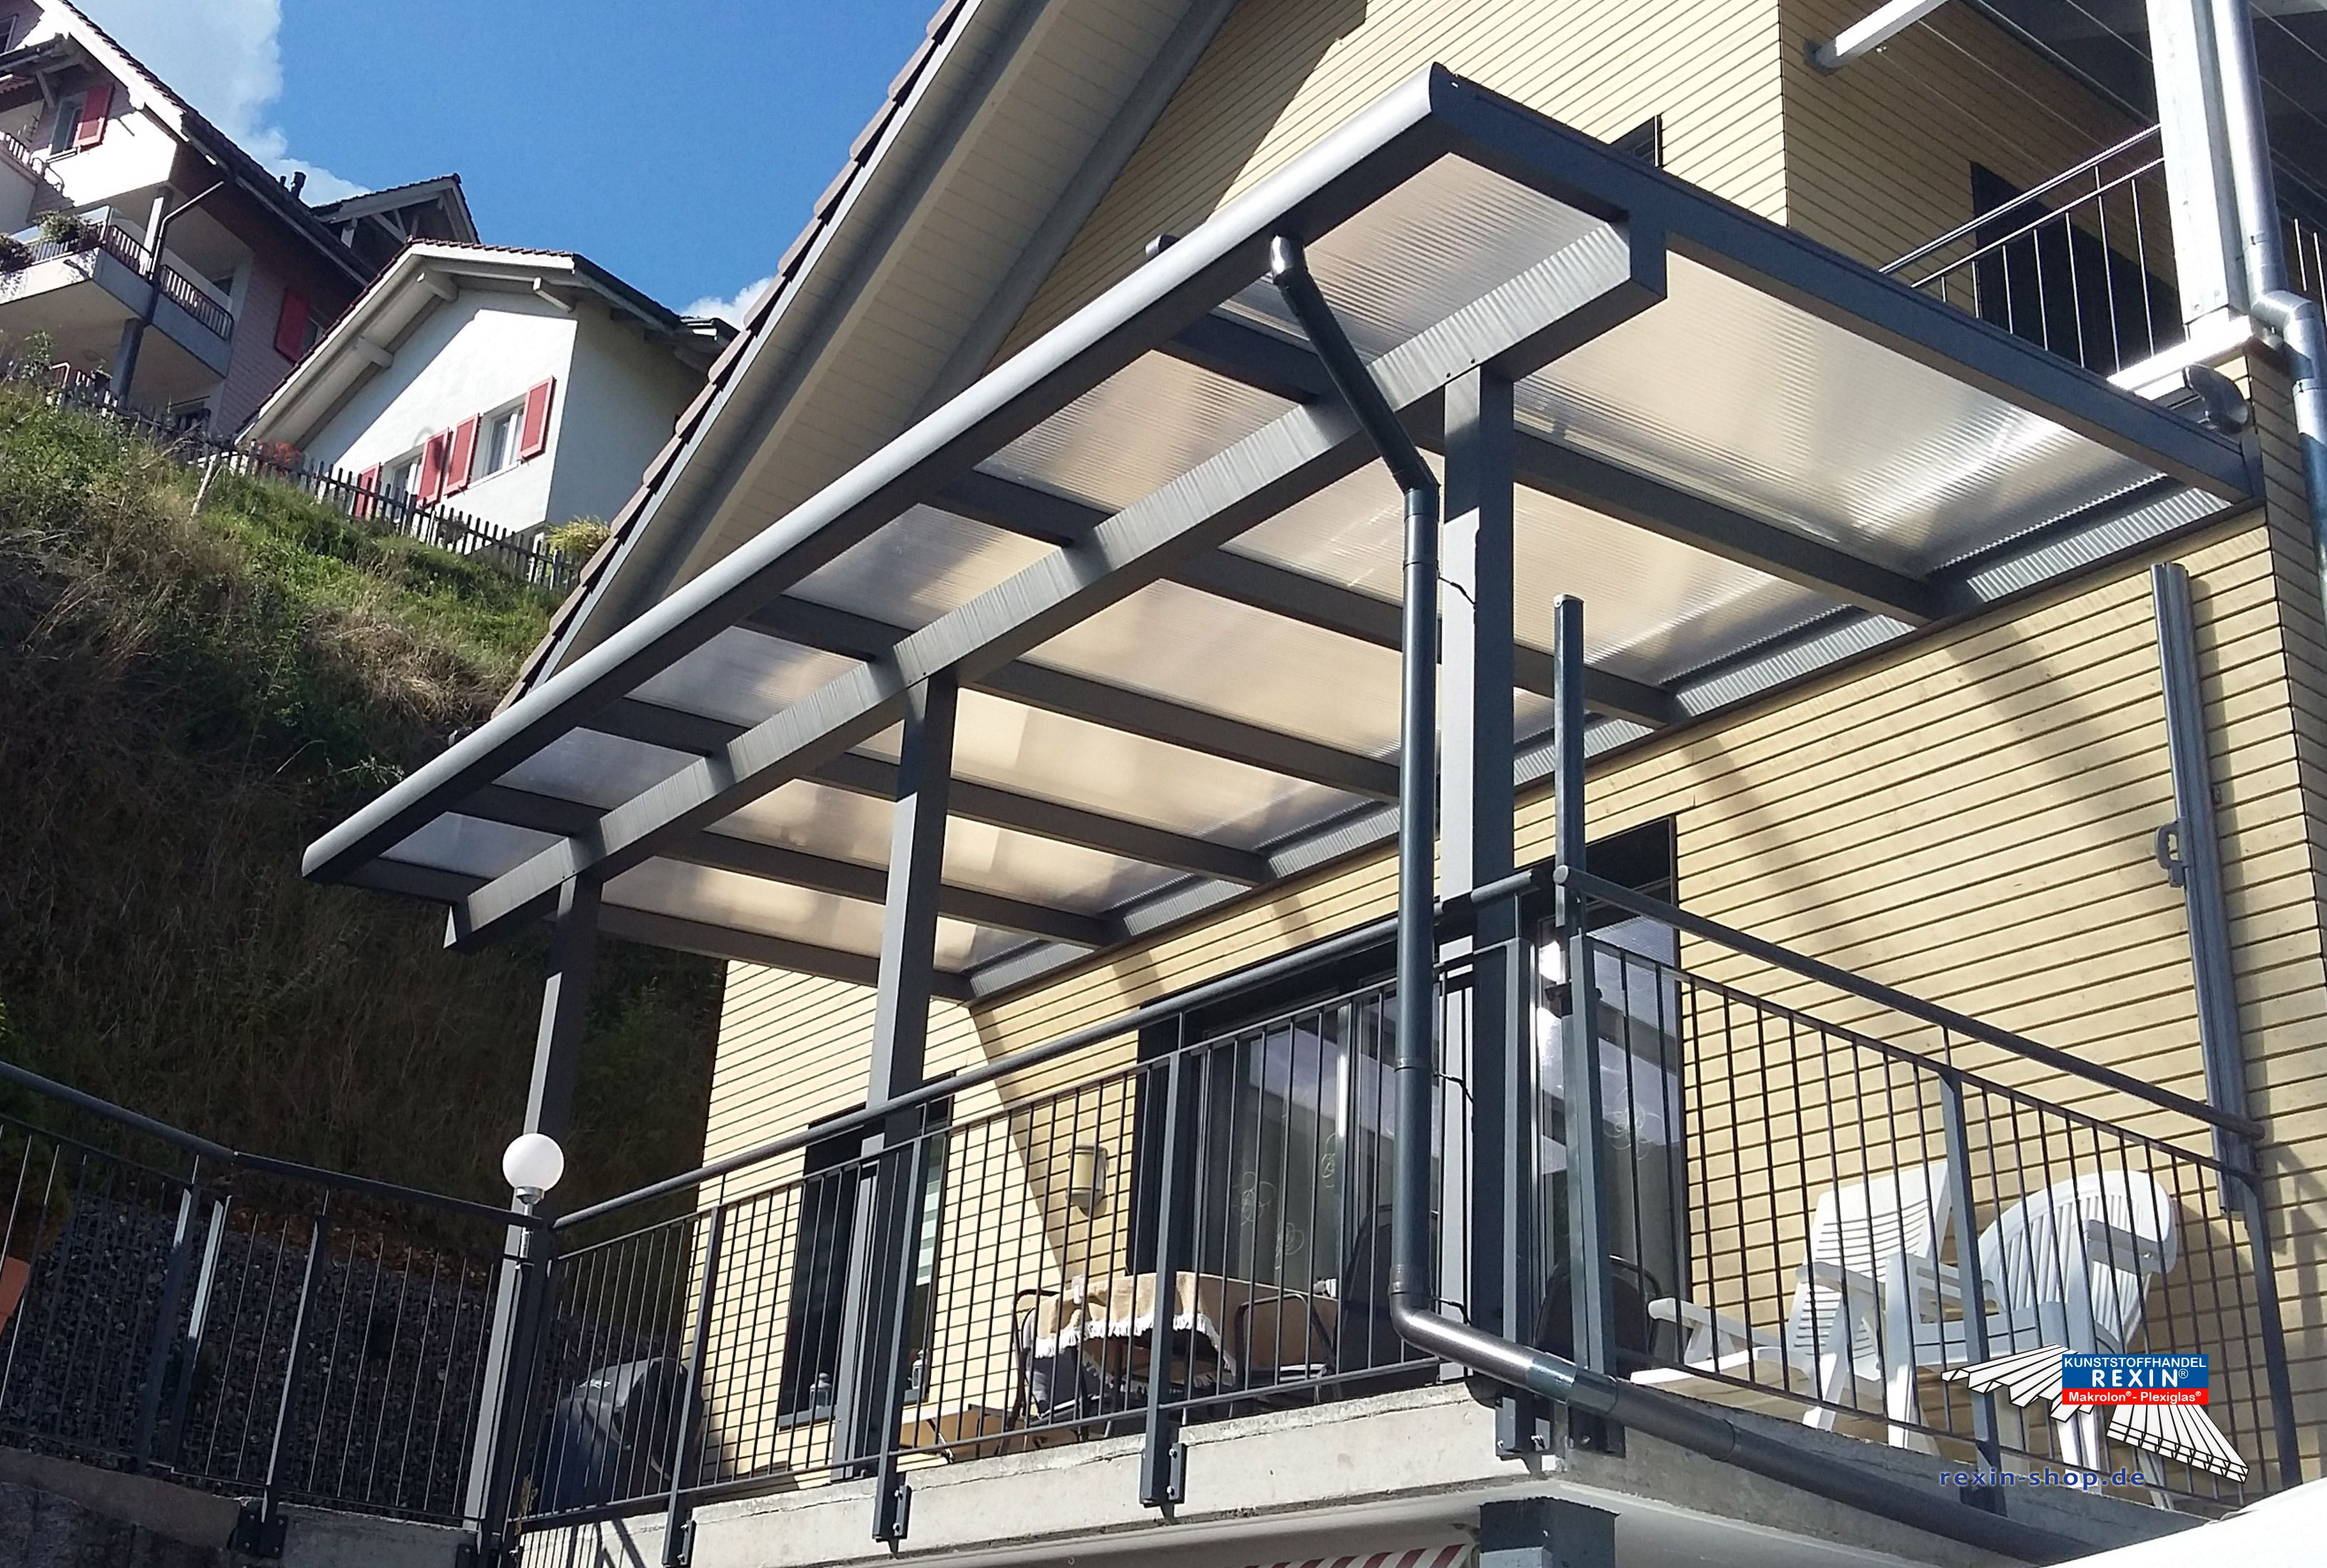 Superb Ein Terrassendach muss nicht teuer sein Wir zeigen eine g nstige Version zum selbst bauen